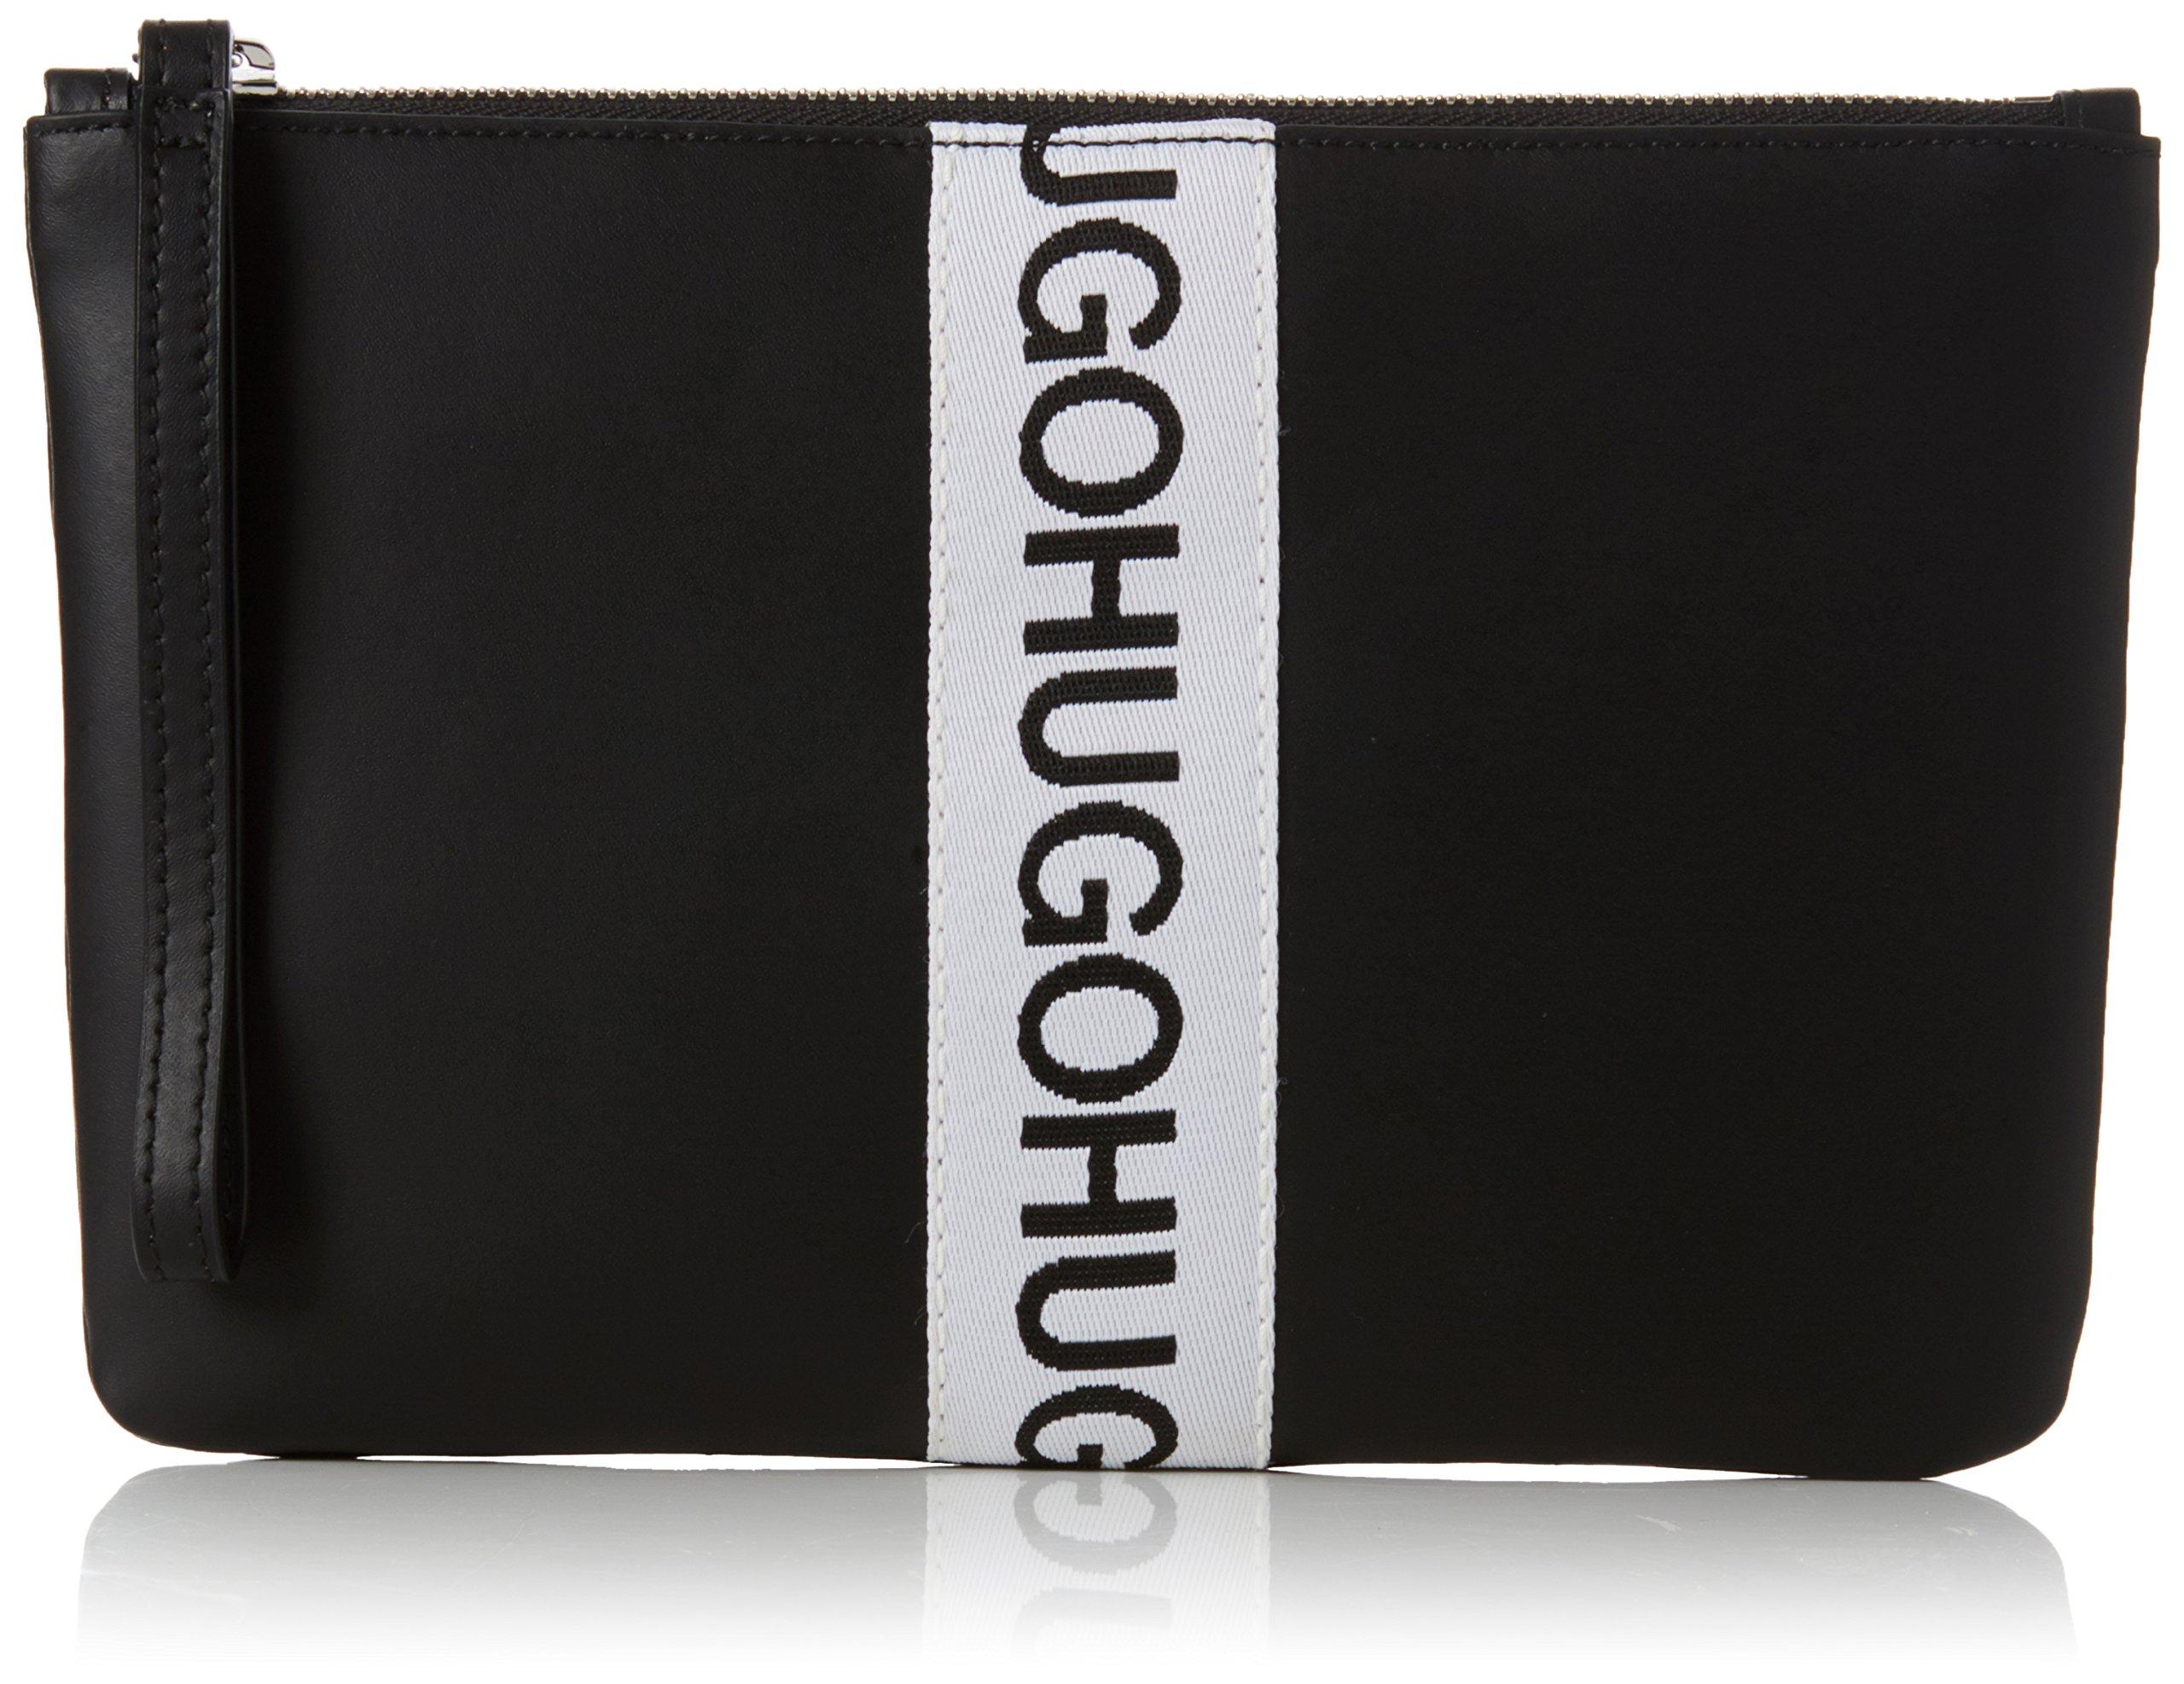 X Hugo PouchOrganiseurs H De Main Sacs À FemmeNoirblack1x17x25 Kingston T Cmb QxBodCWre